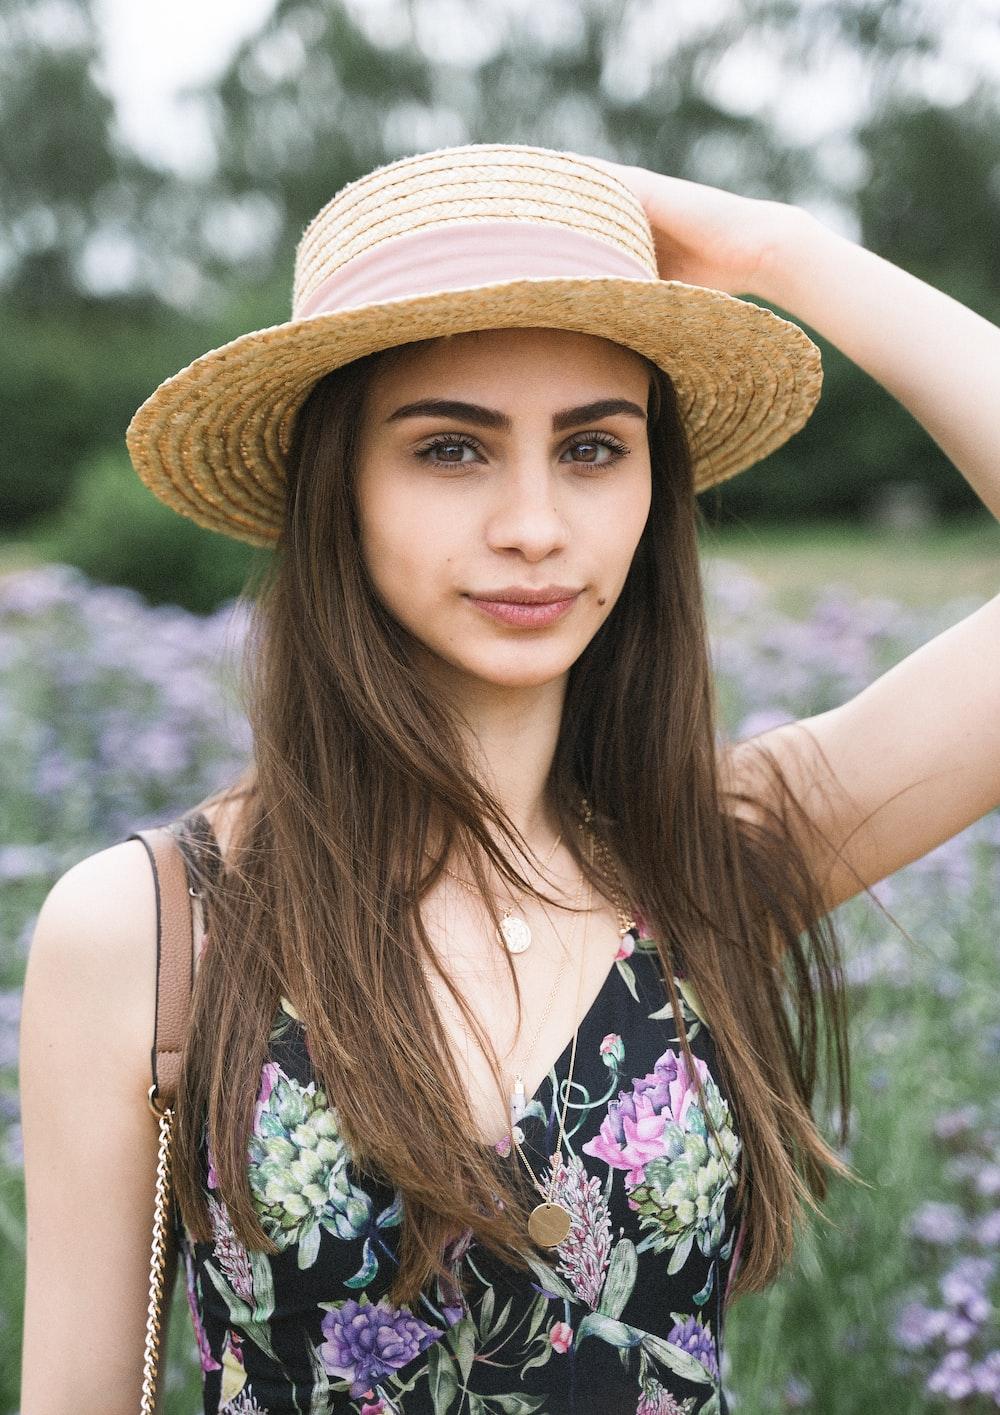 woman wearing beige strawhat